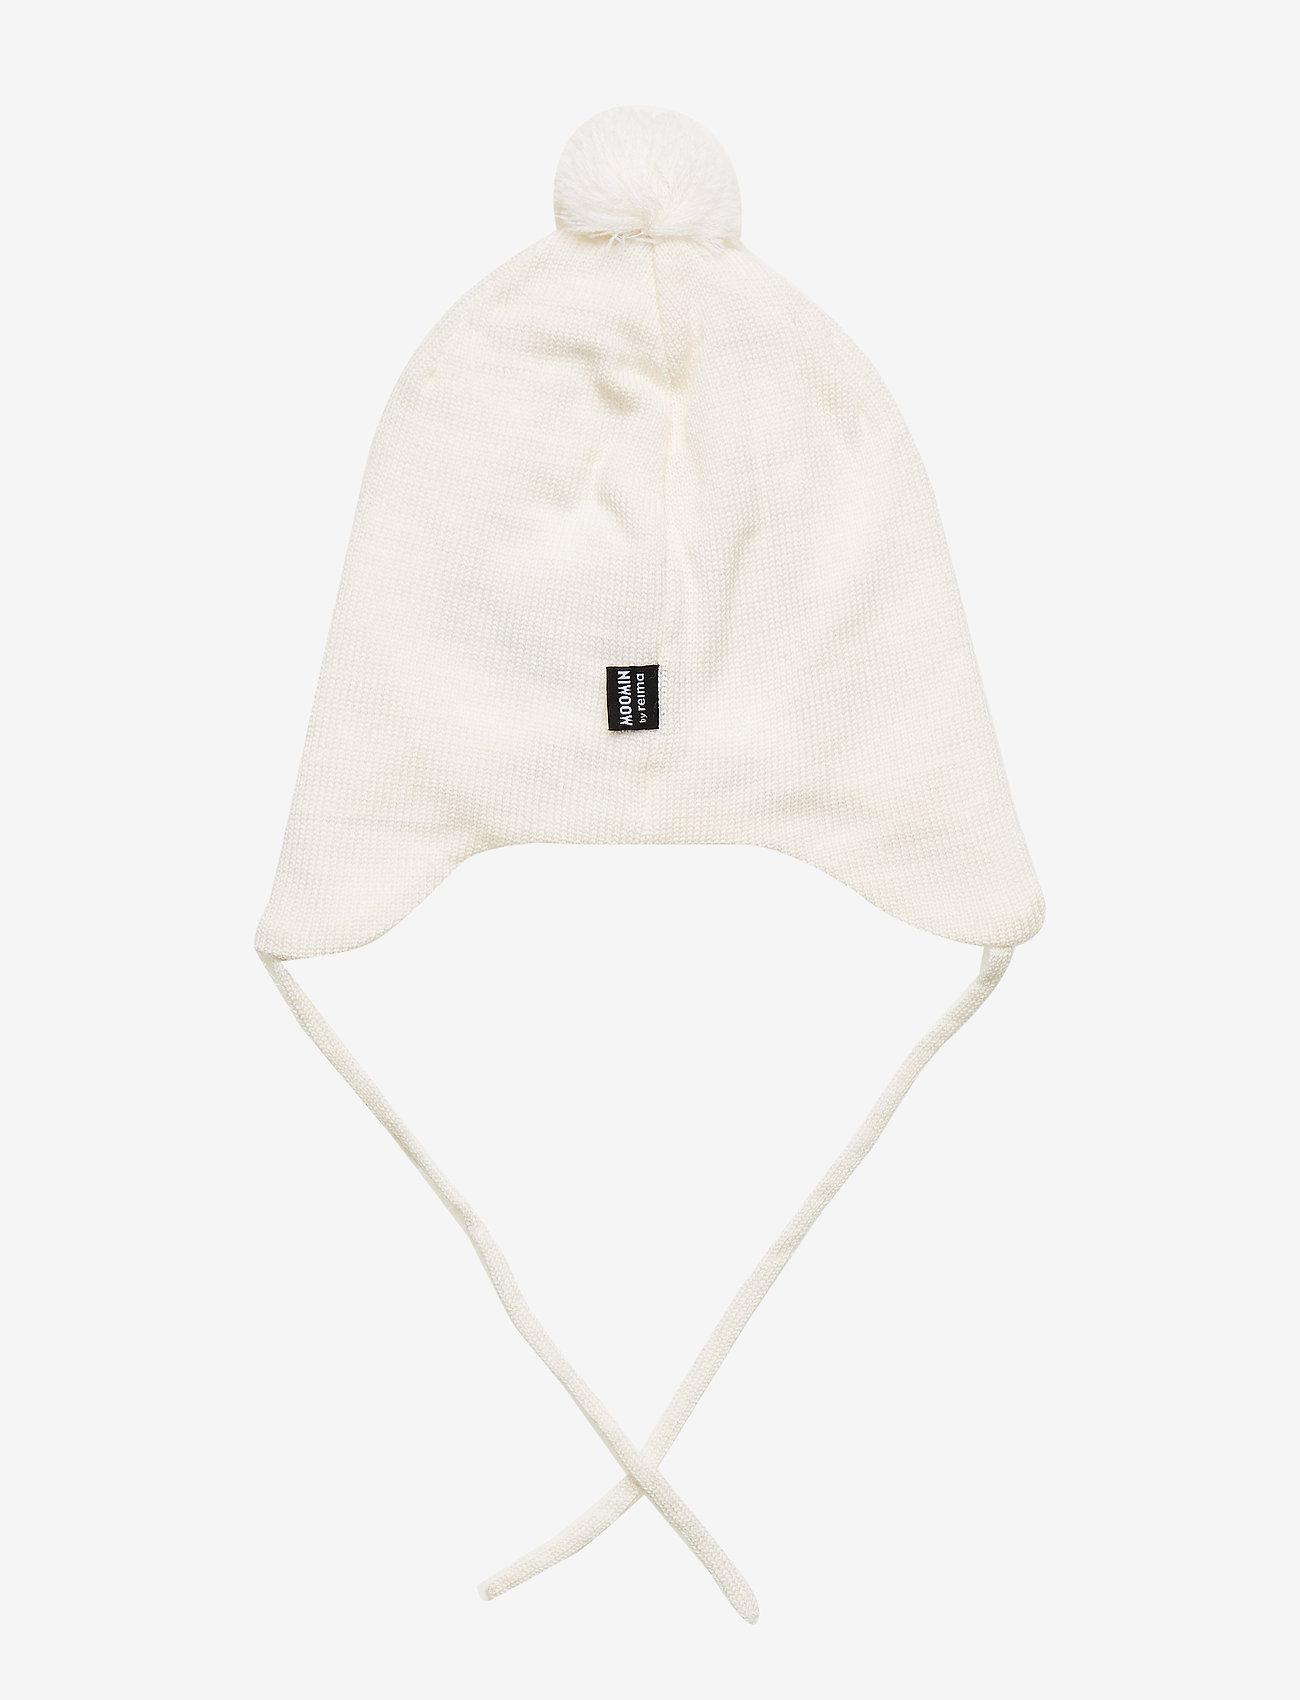 Reima - Beanie, Moomin Mysig White,48 cm - huer - white - 1